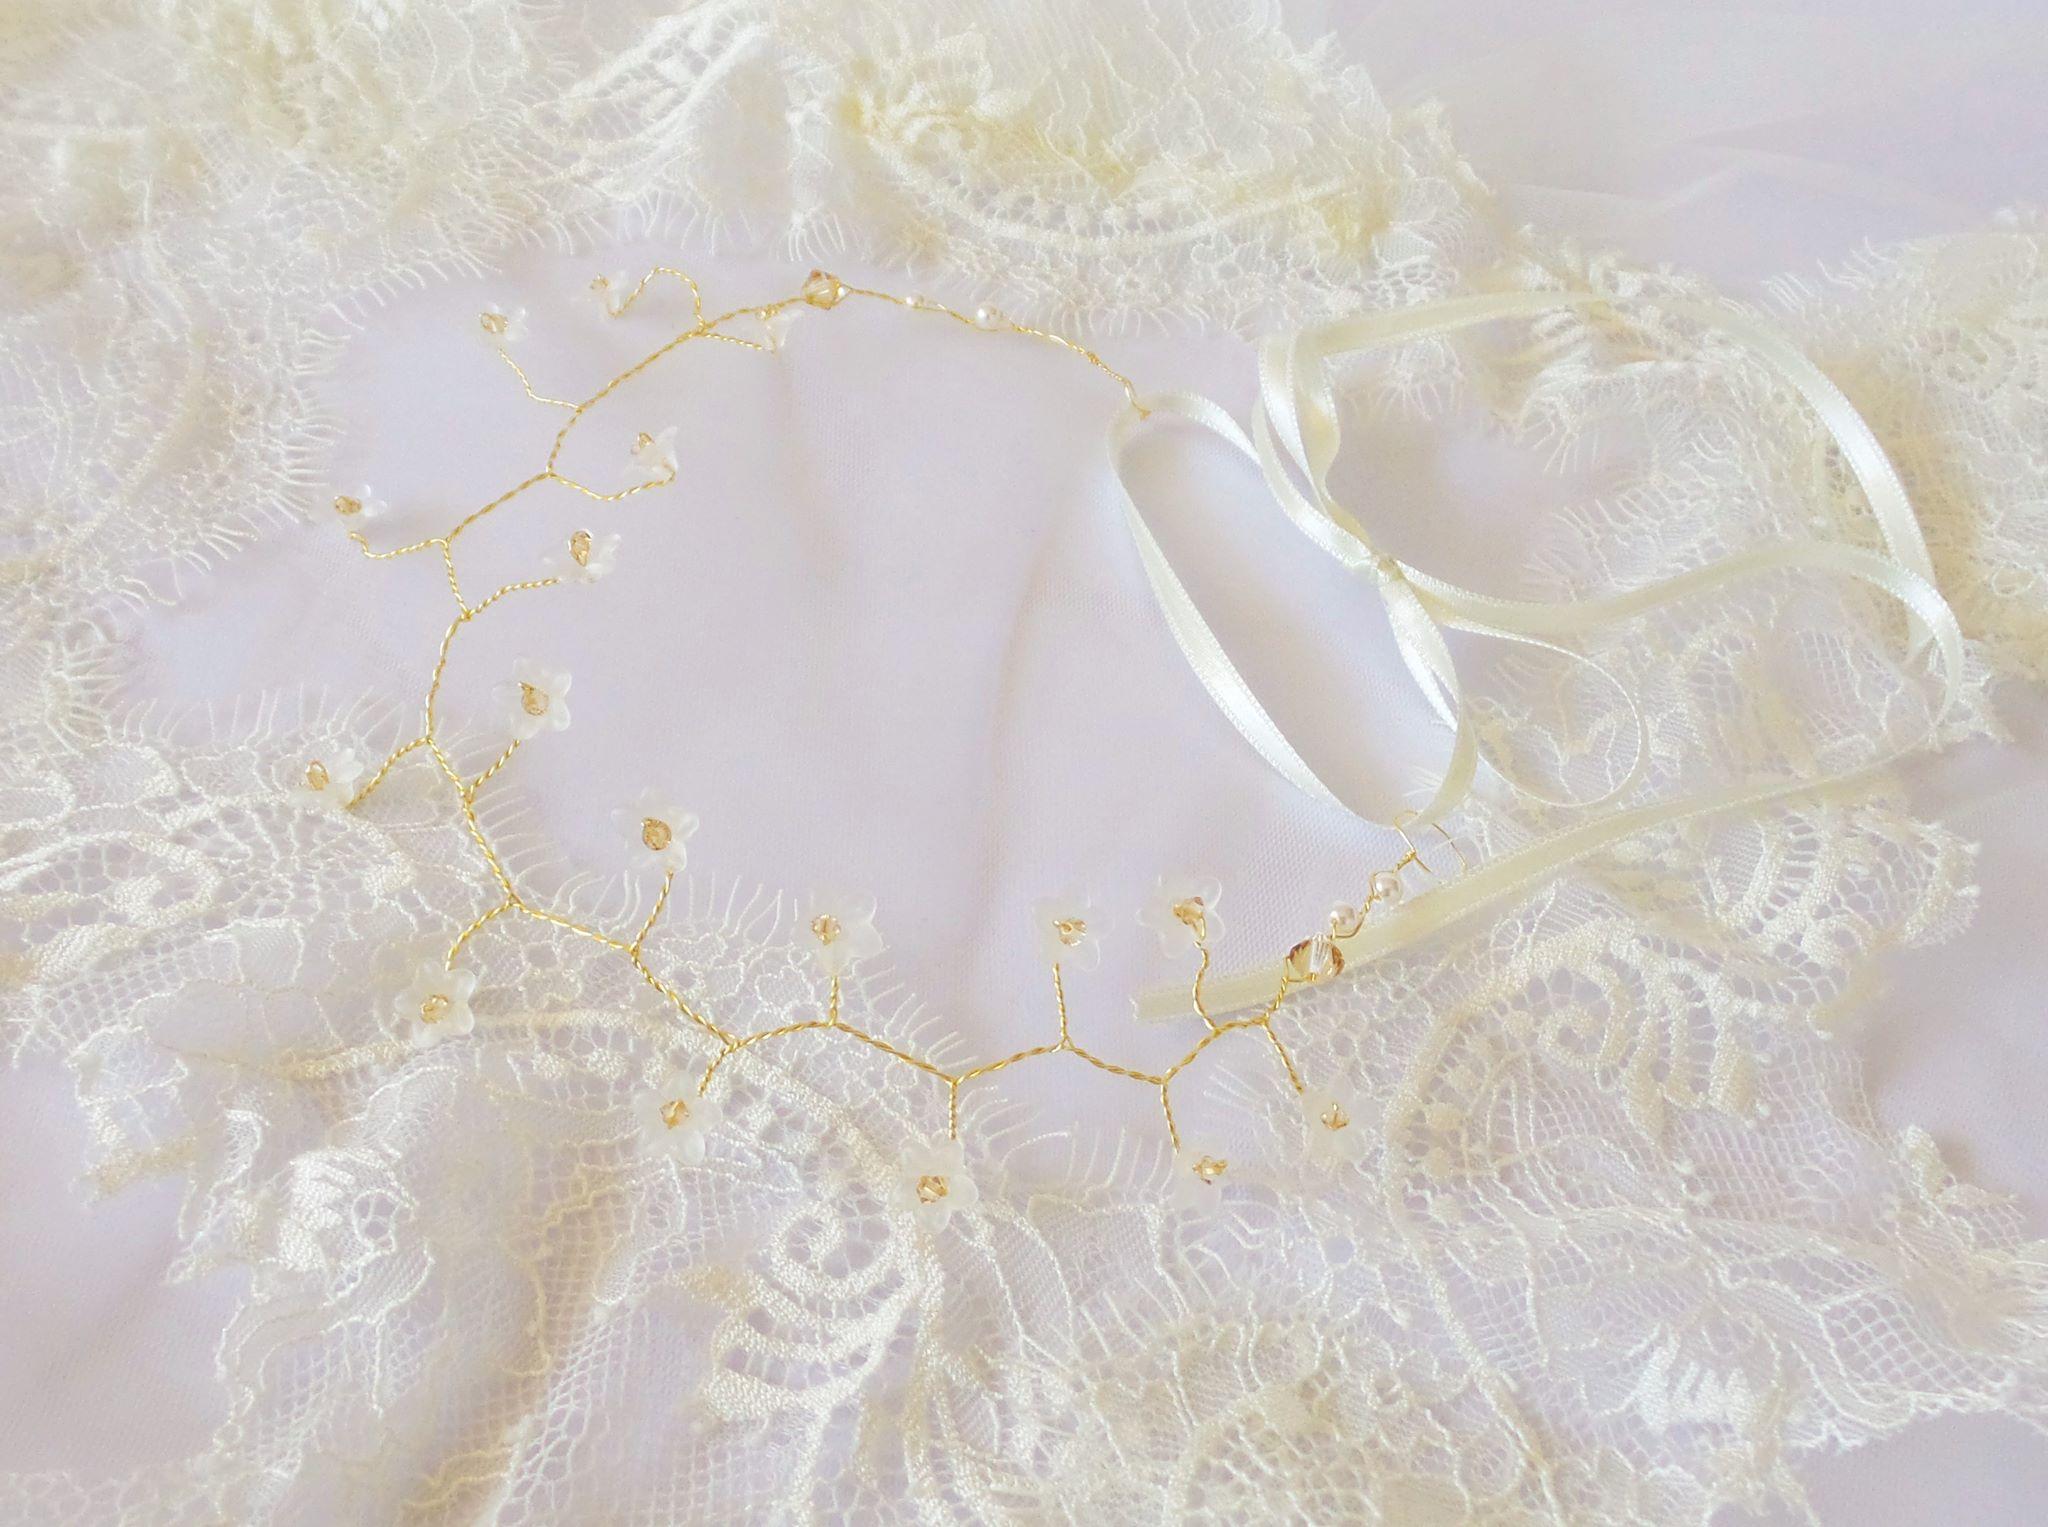 tiara-par-aurie-swarovski-golden